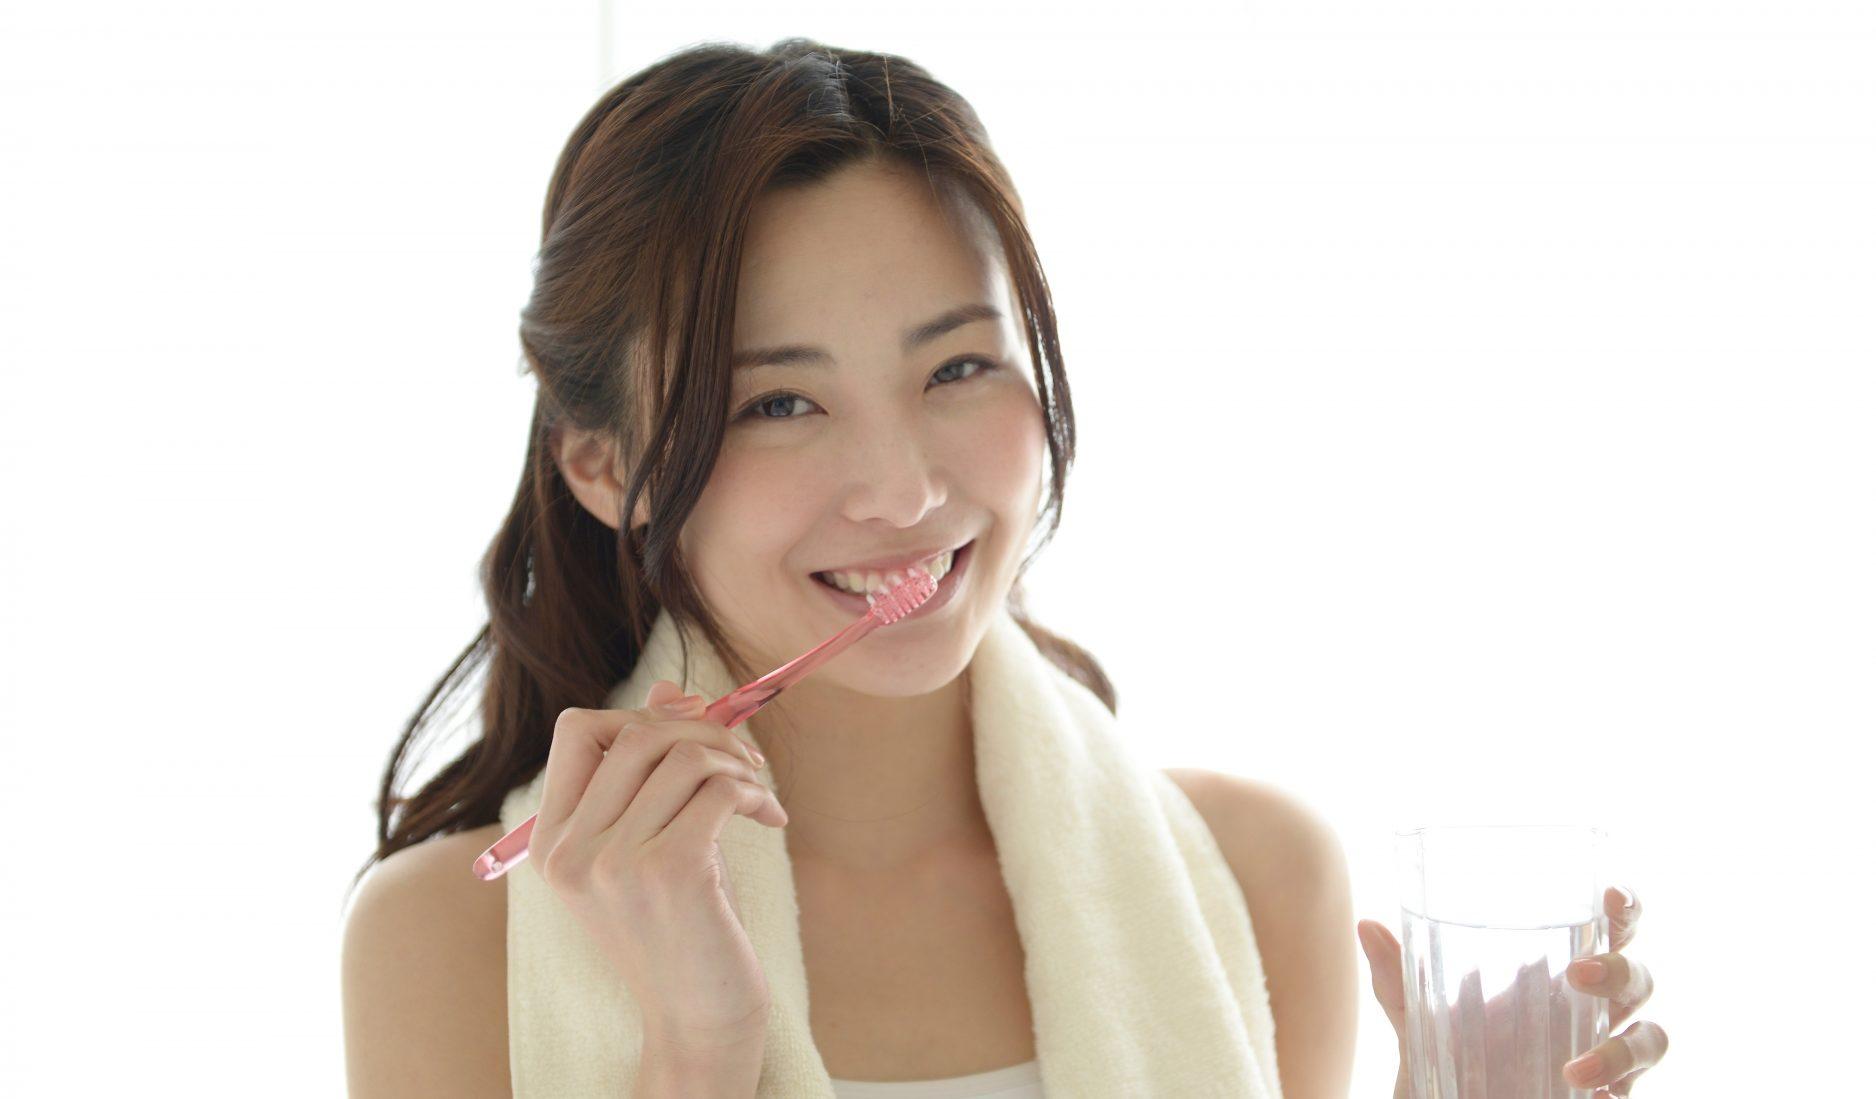 オーガニック歯磨き粉を使ってみたので、ご紹介します!